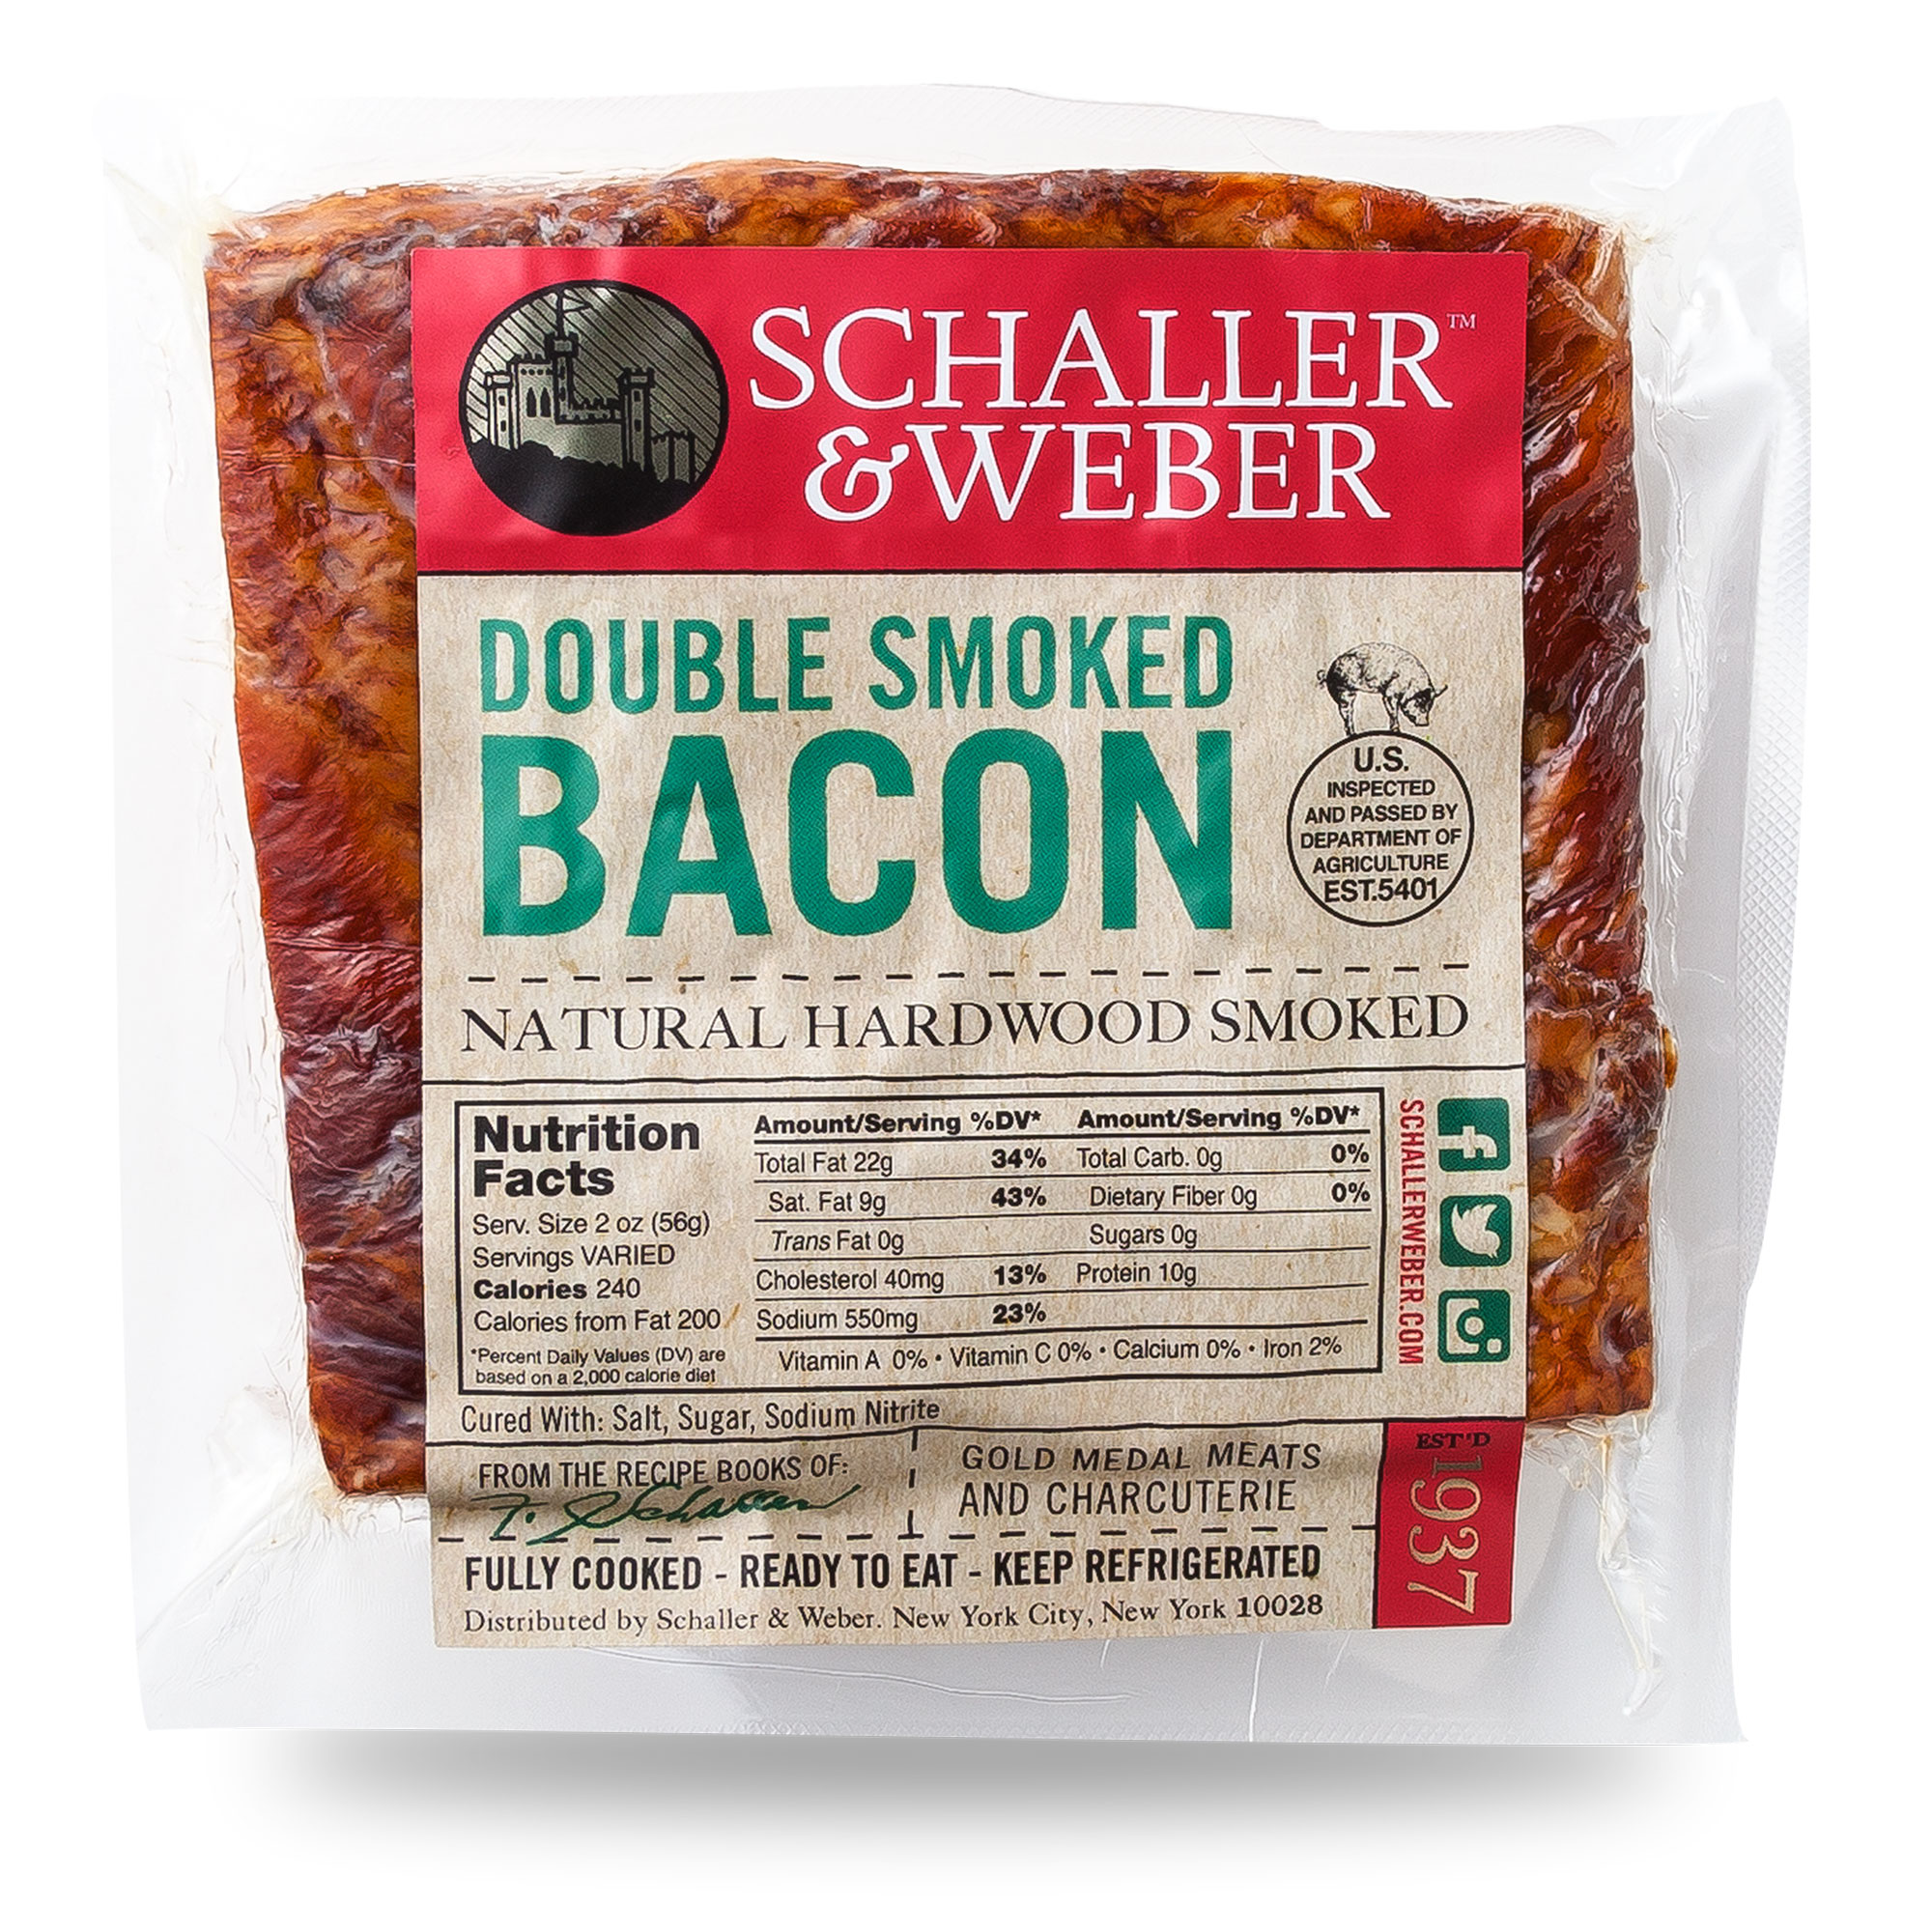 double smoked bacon - schaller & weber